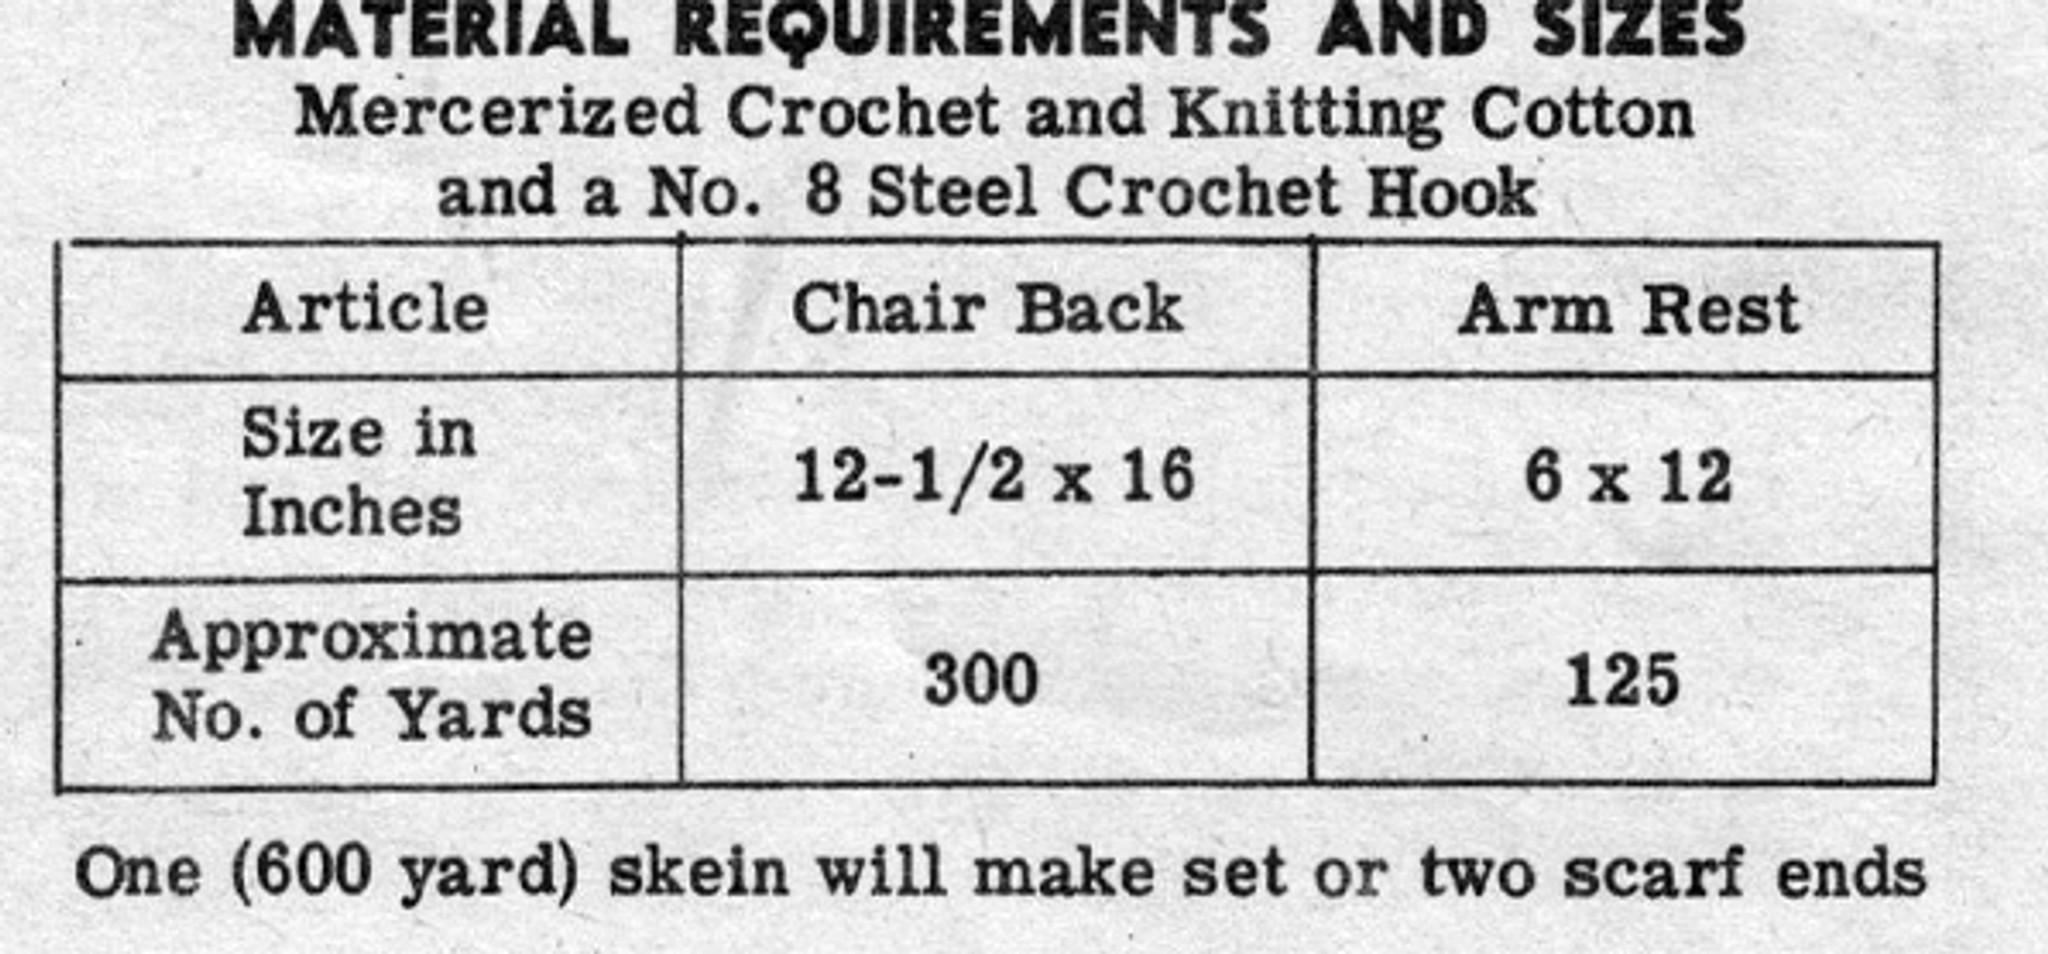 Kitten Filet Crochet Chair Set Doily Pattern Design 930